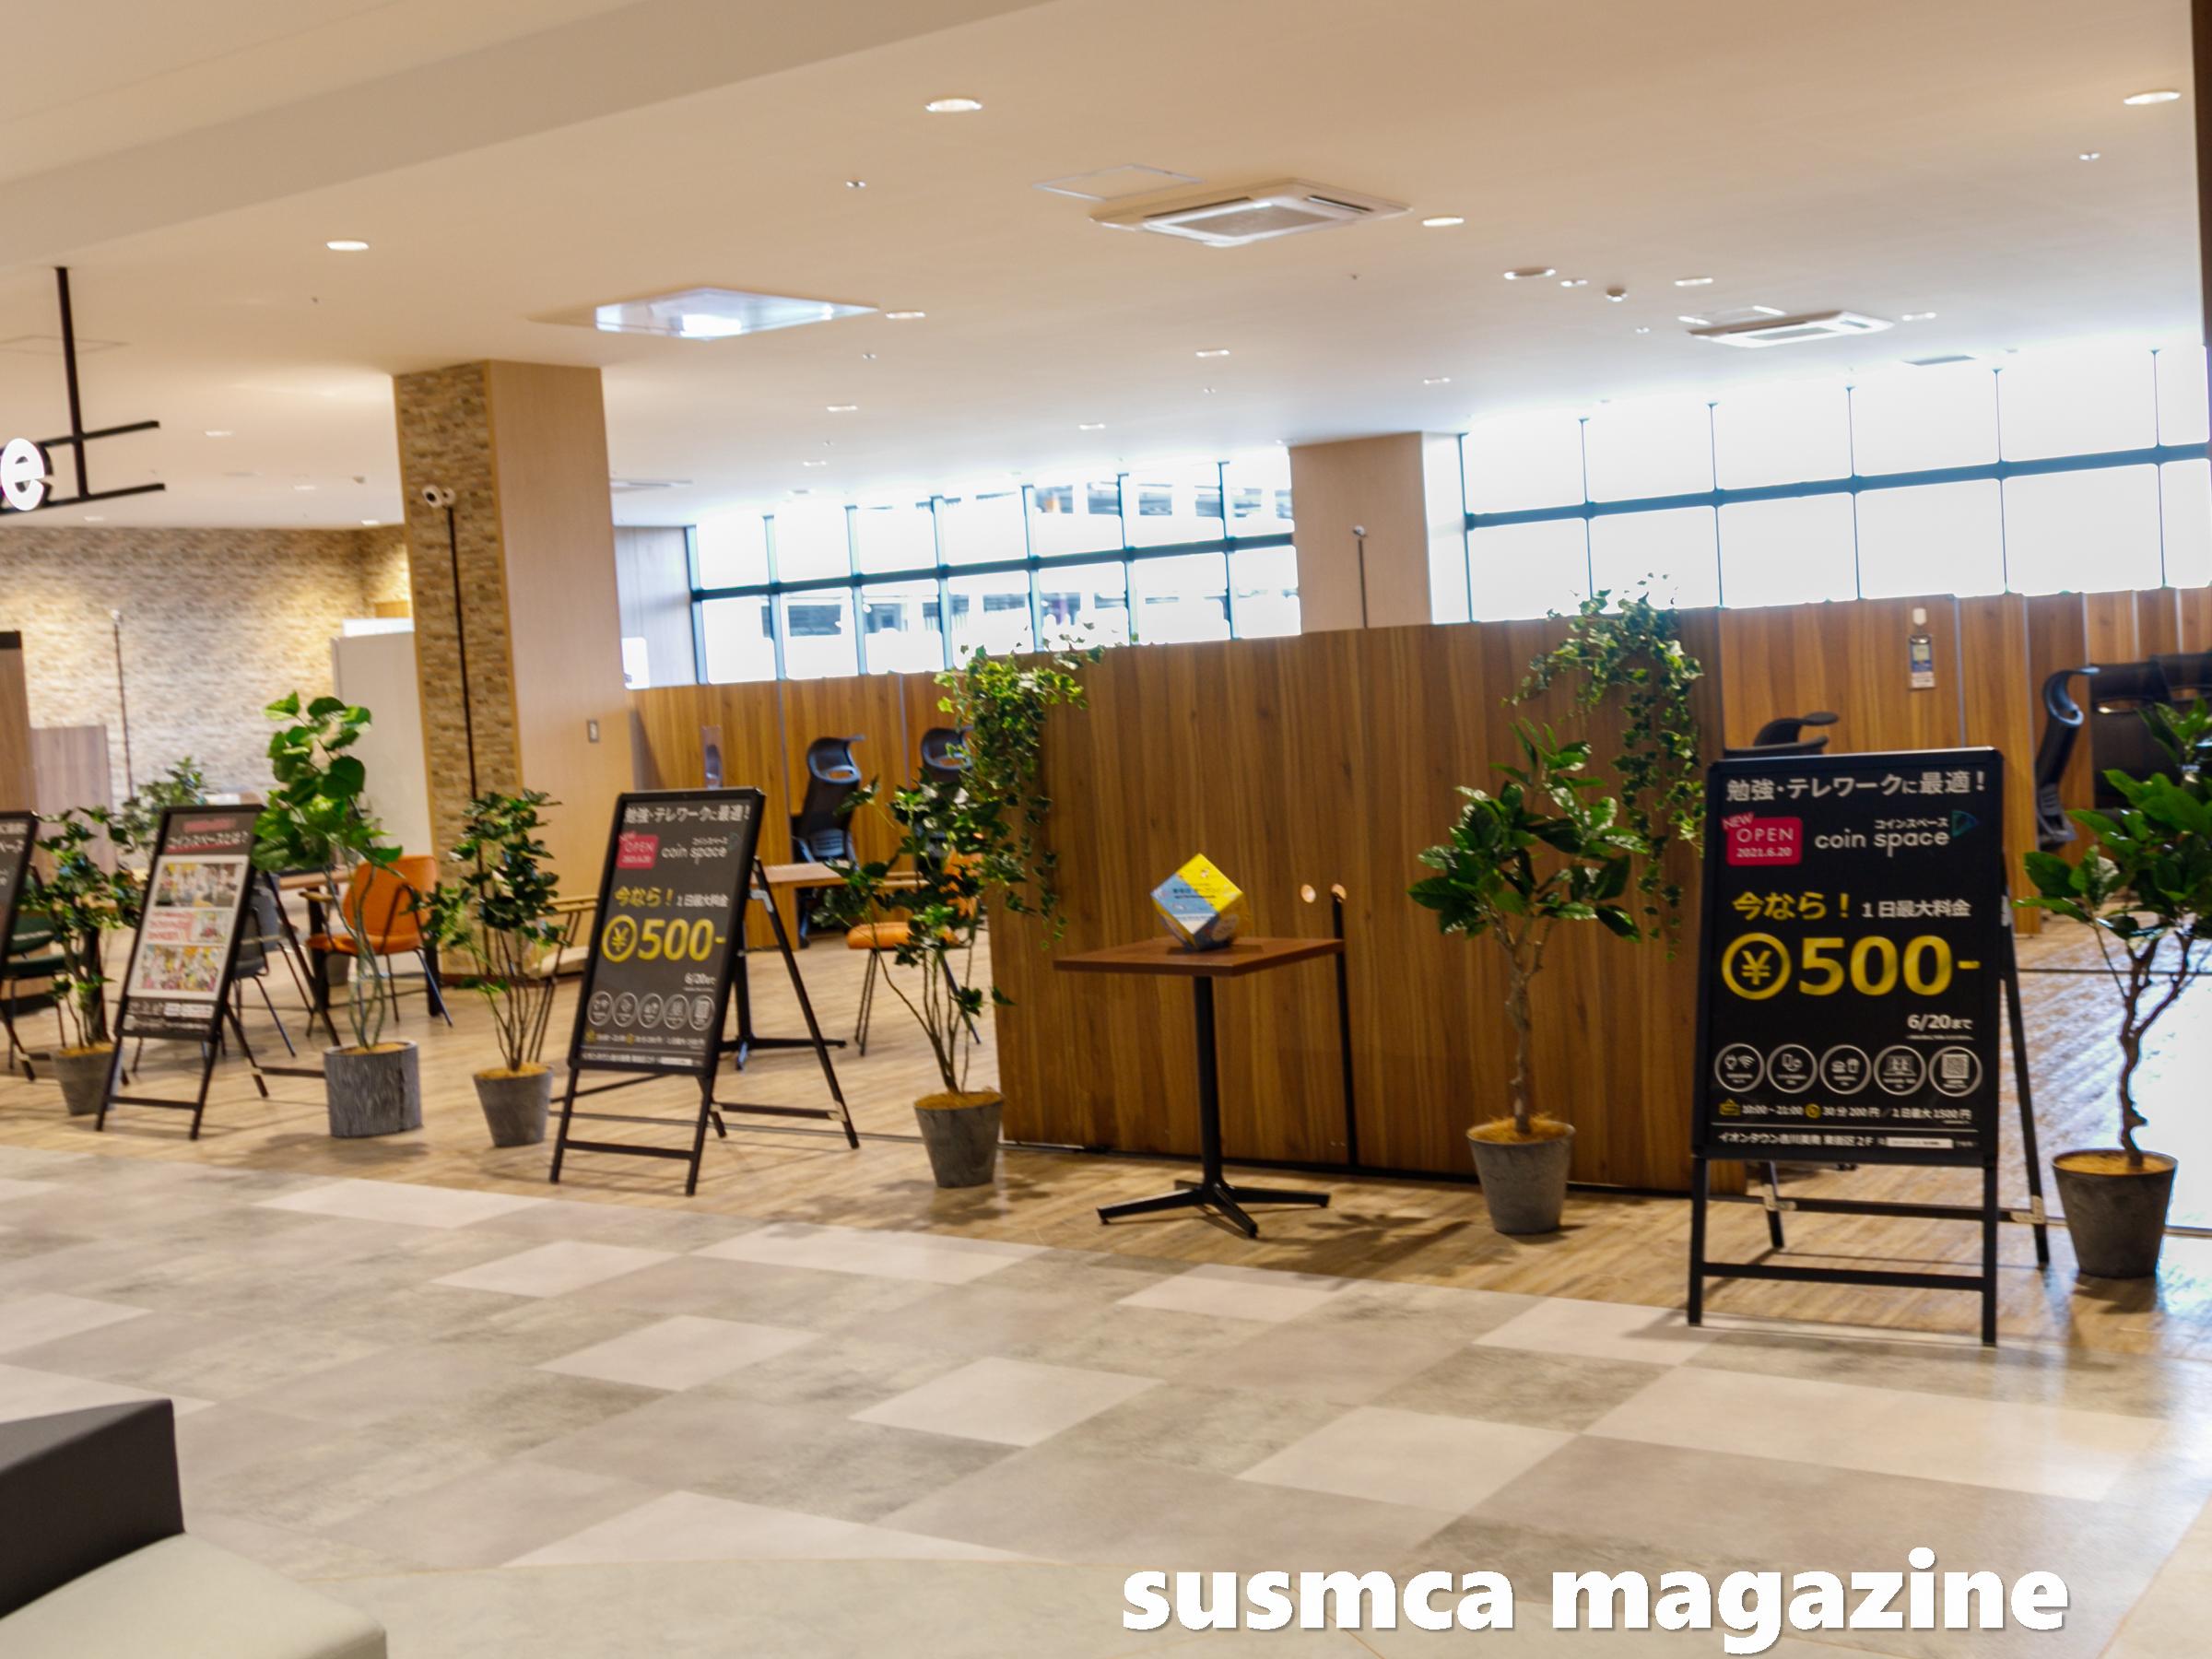 コインスペース イオンタウン吉川美南がオープン記念で1日500円使い放題!アクアイグニスと合わせればワーケーションに!